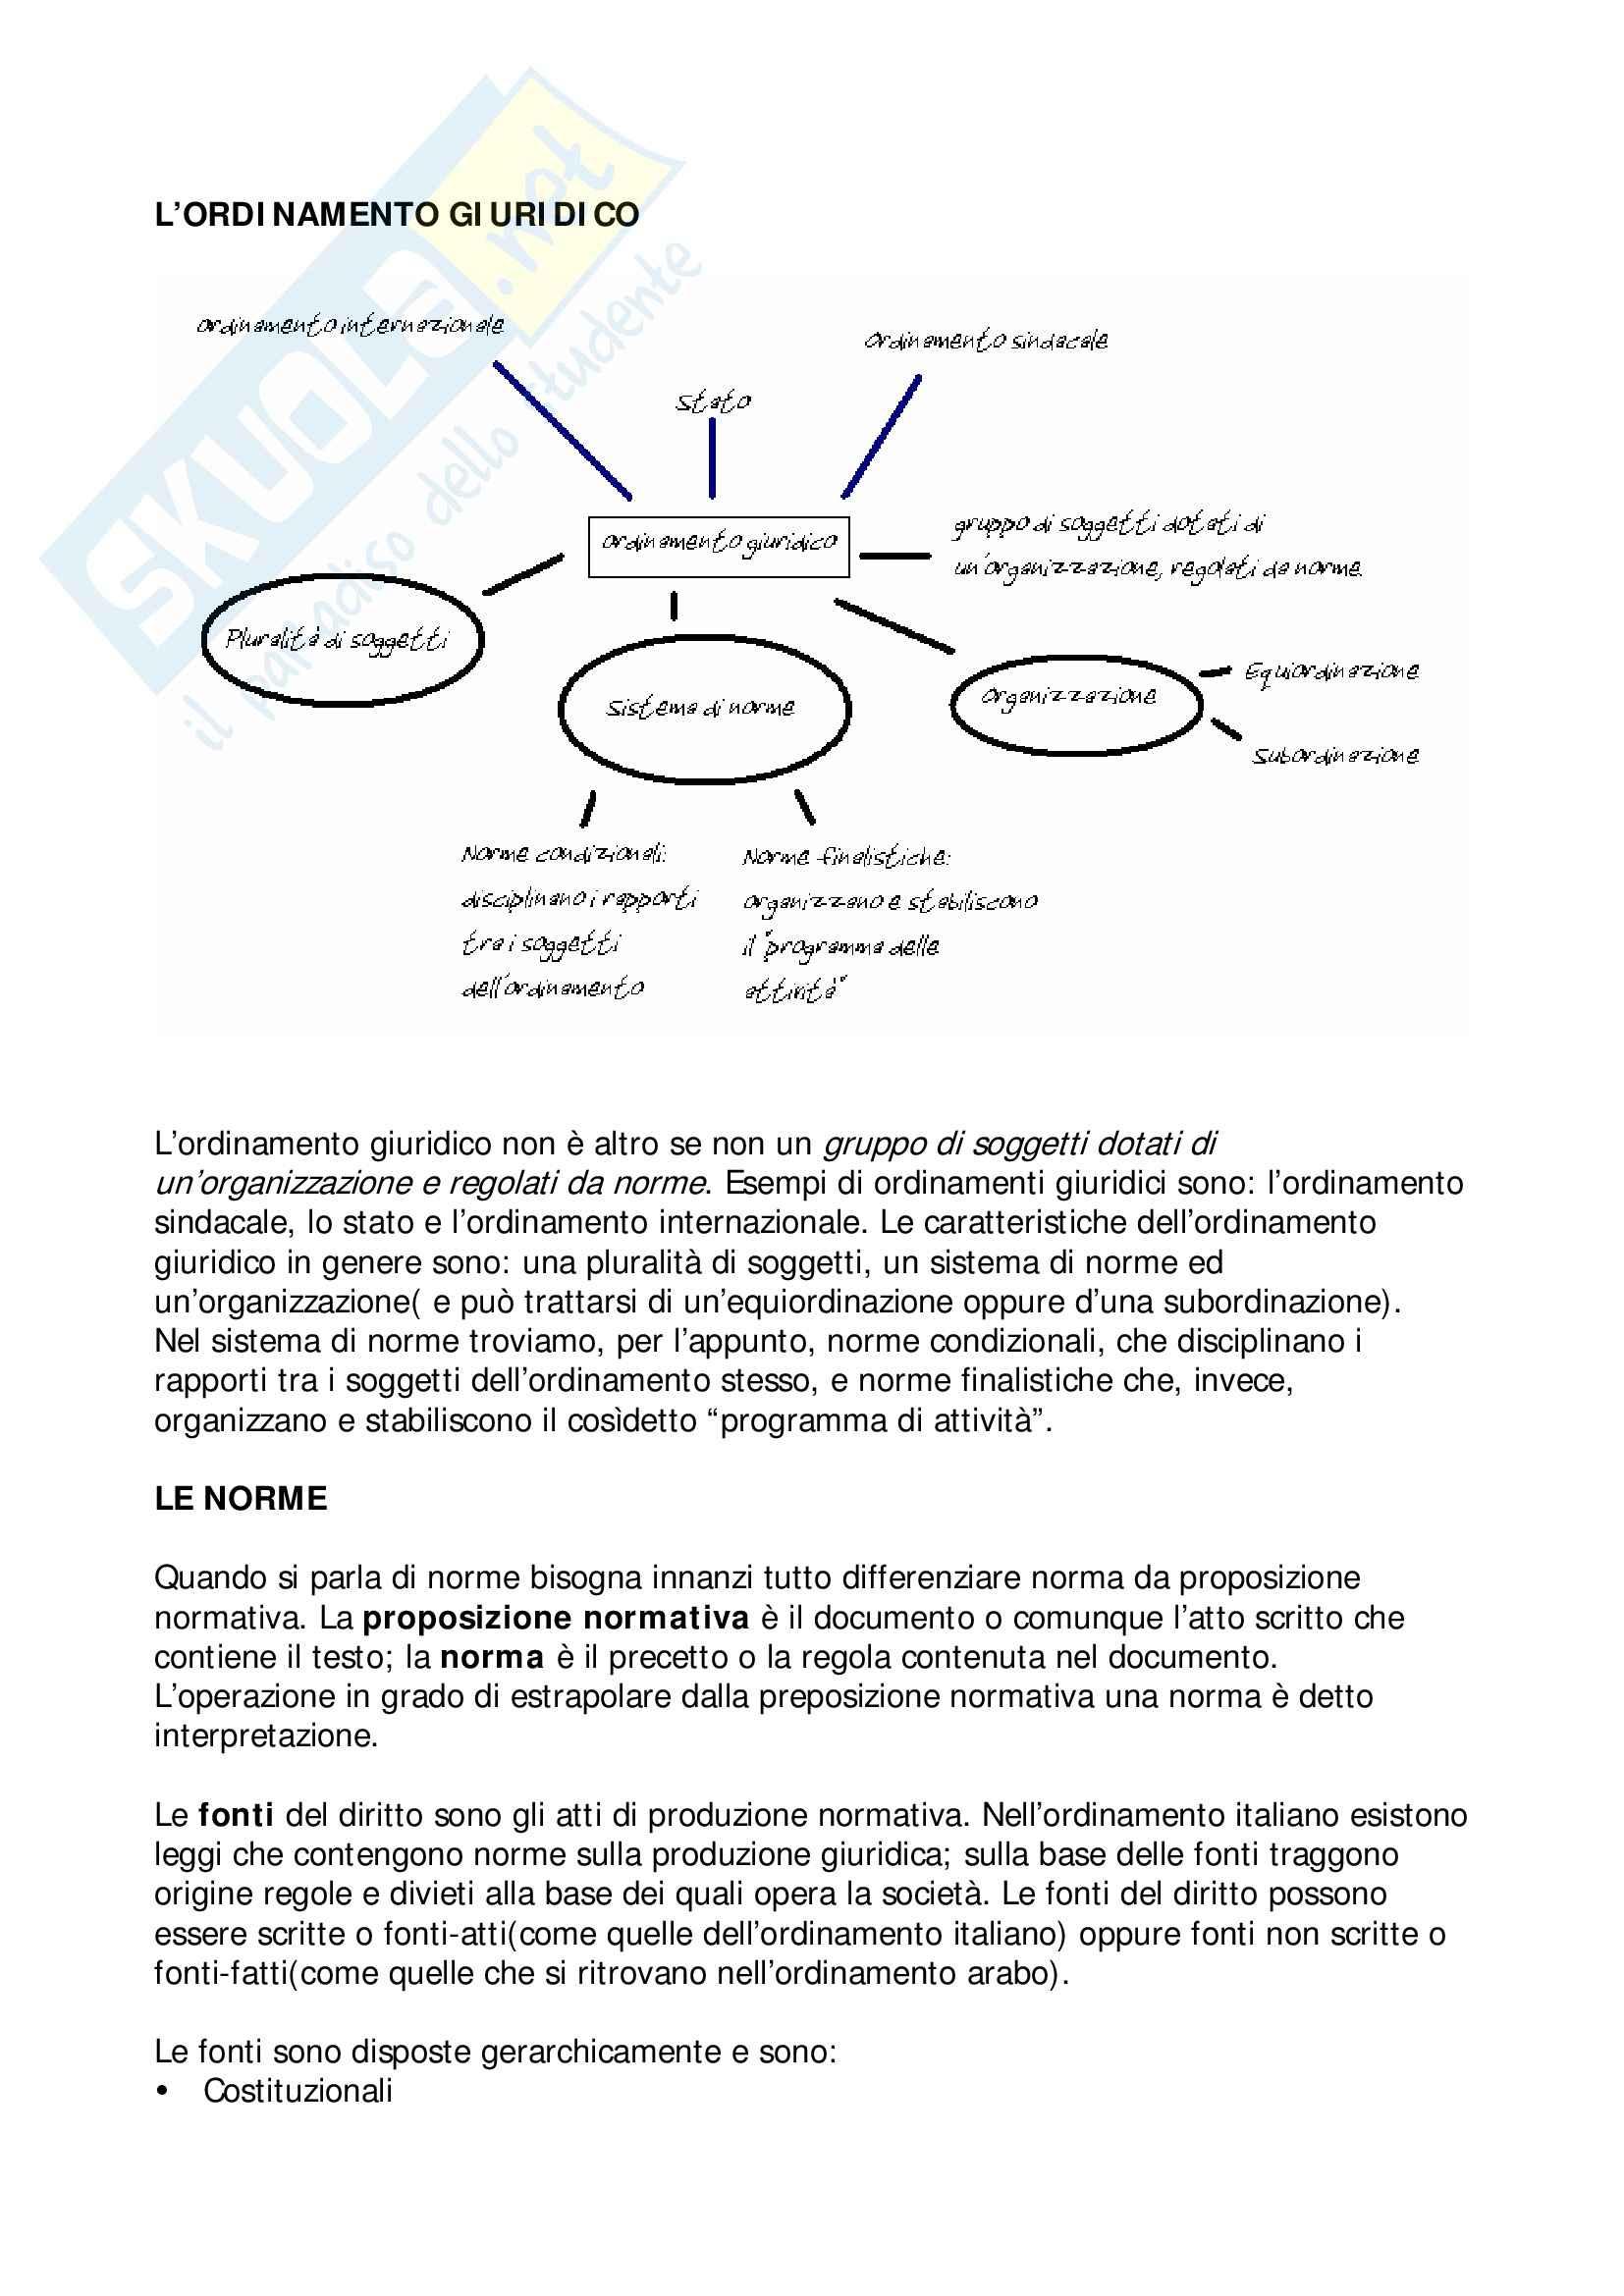 Riassunto esame Principi di Diritto Pubblico, prof. Azzena, libro consigliato Manuale di Diritto Pubblico, Cassese